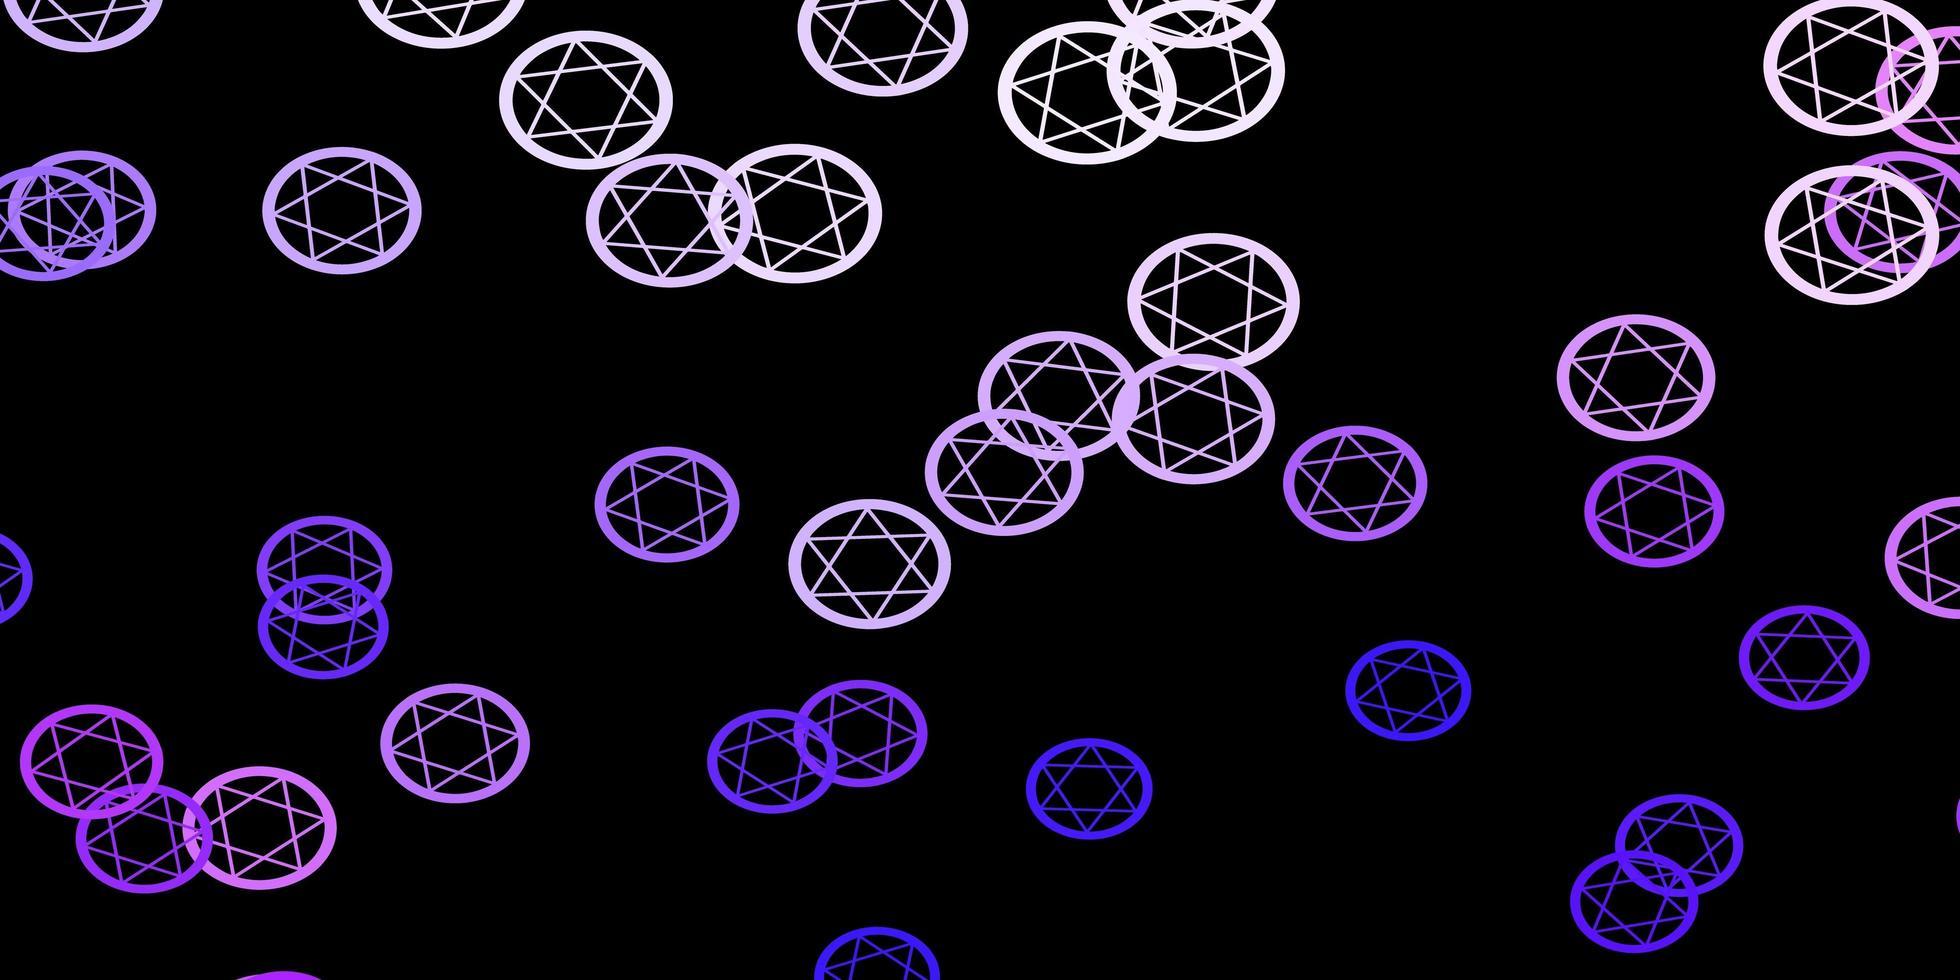 modèle vectoriel violet foncé avec des éléments magiques.